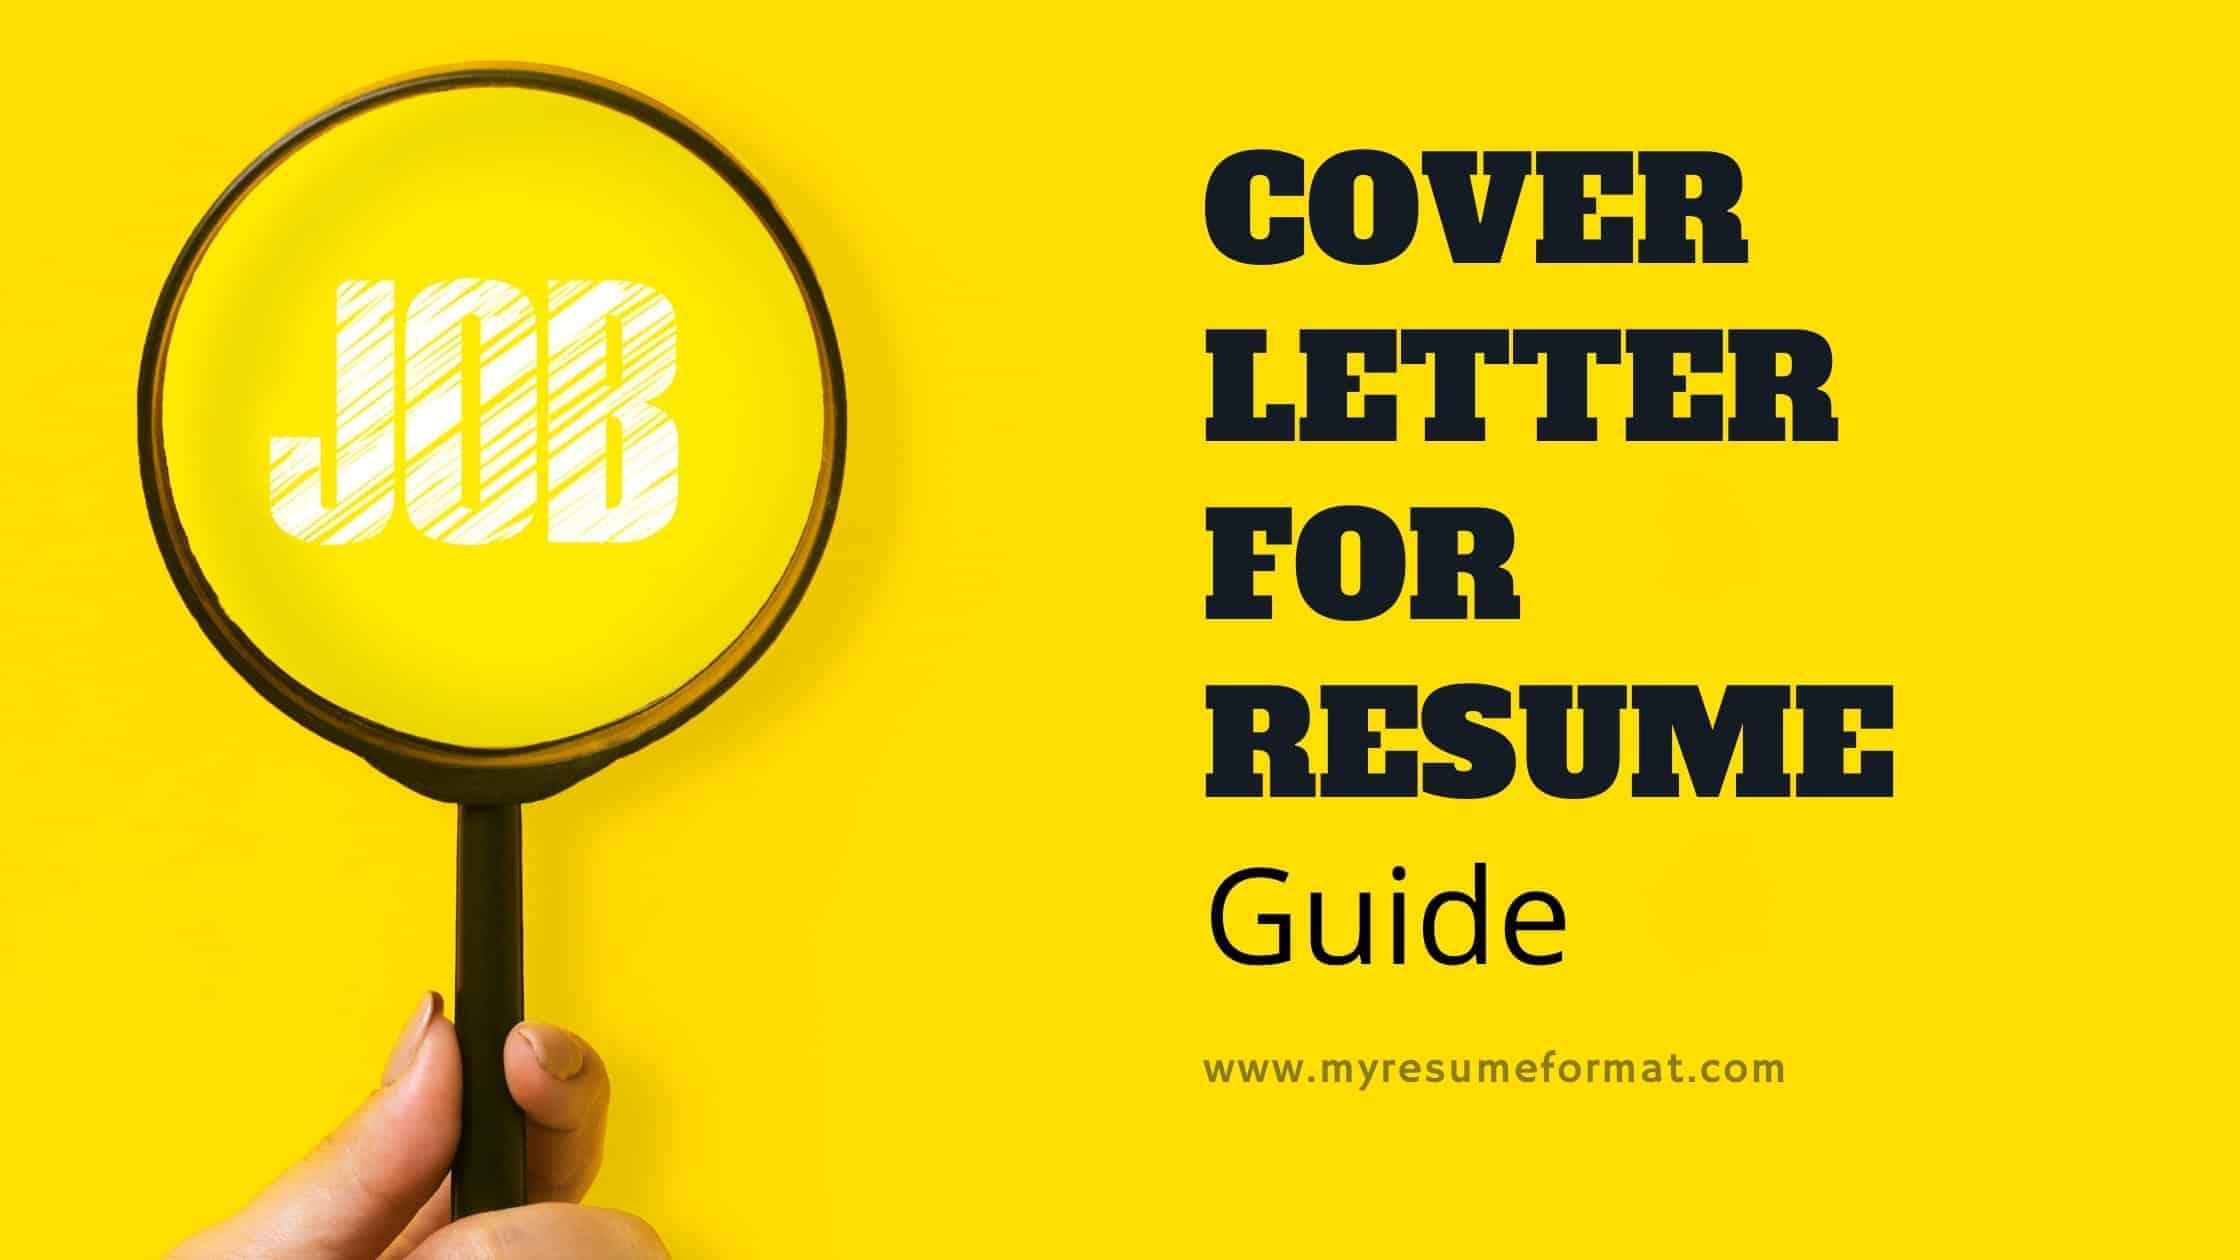 cover letter for job resume